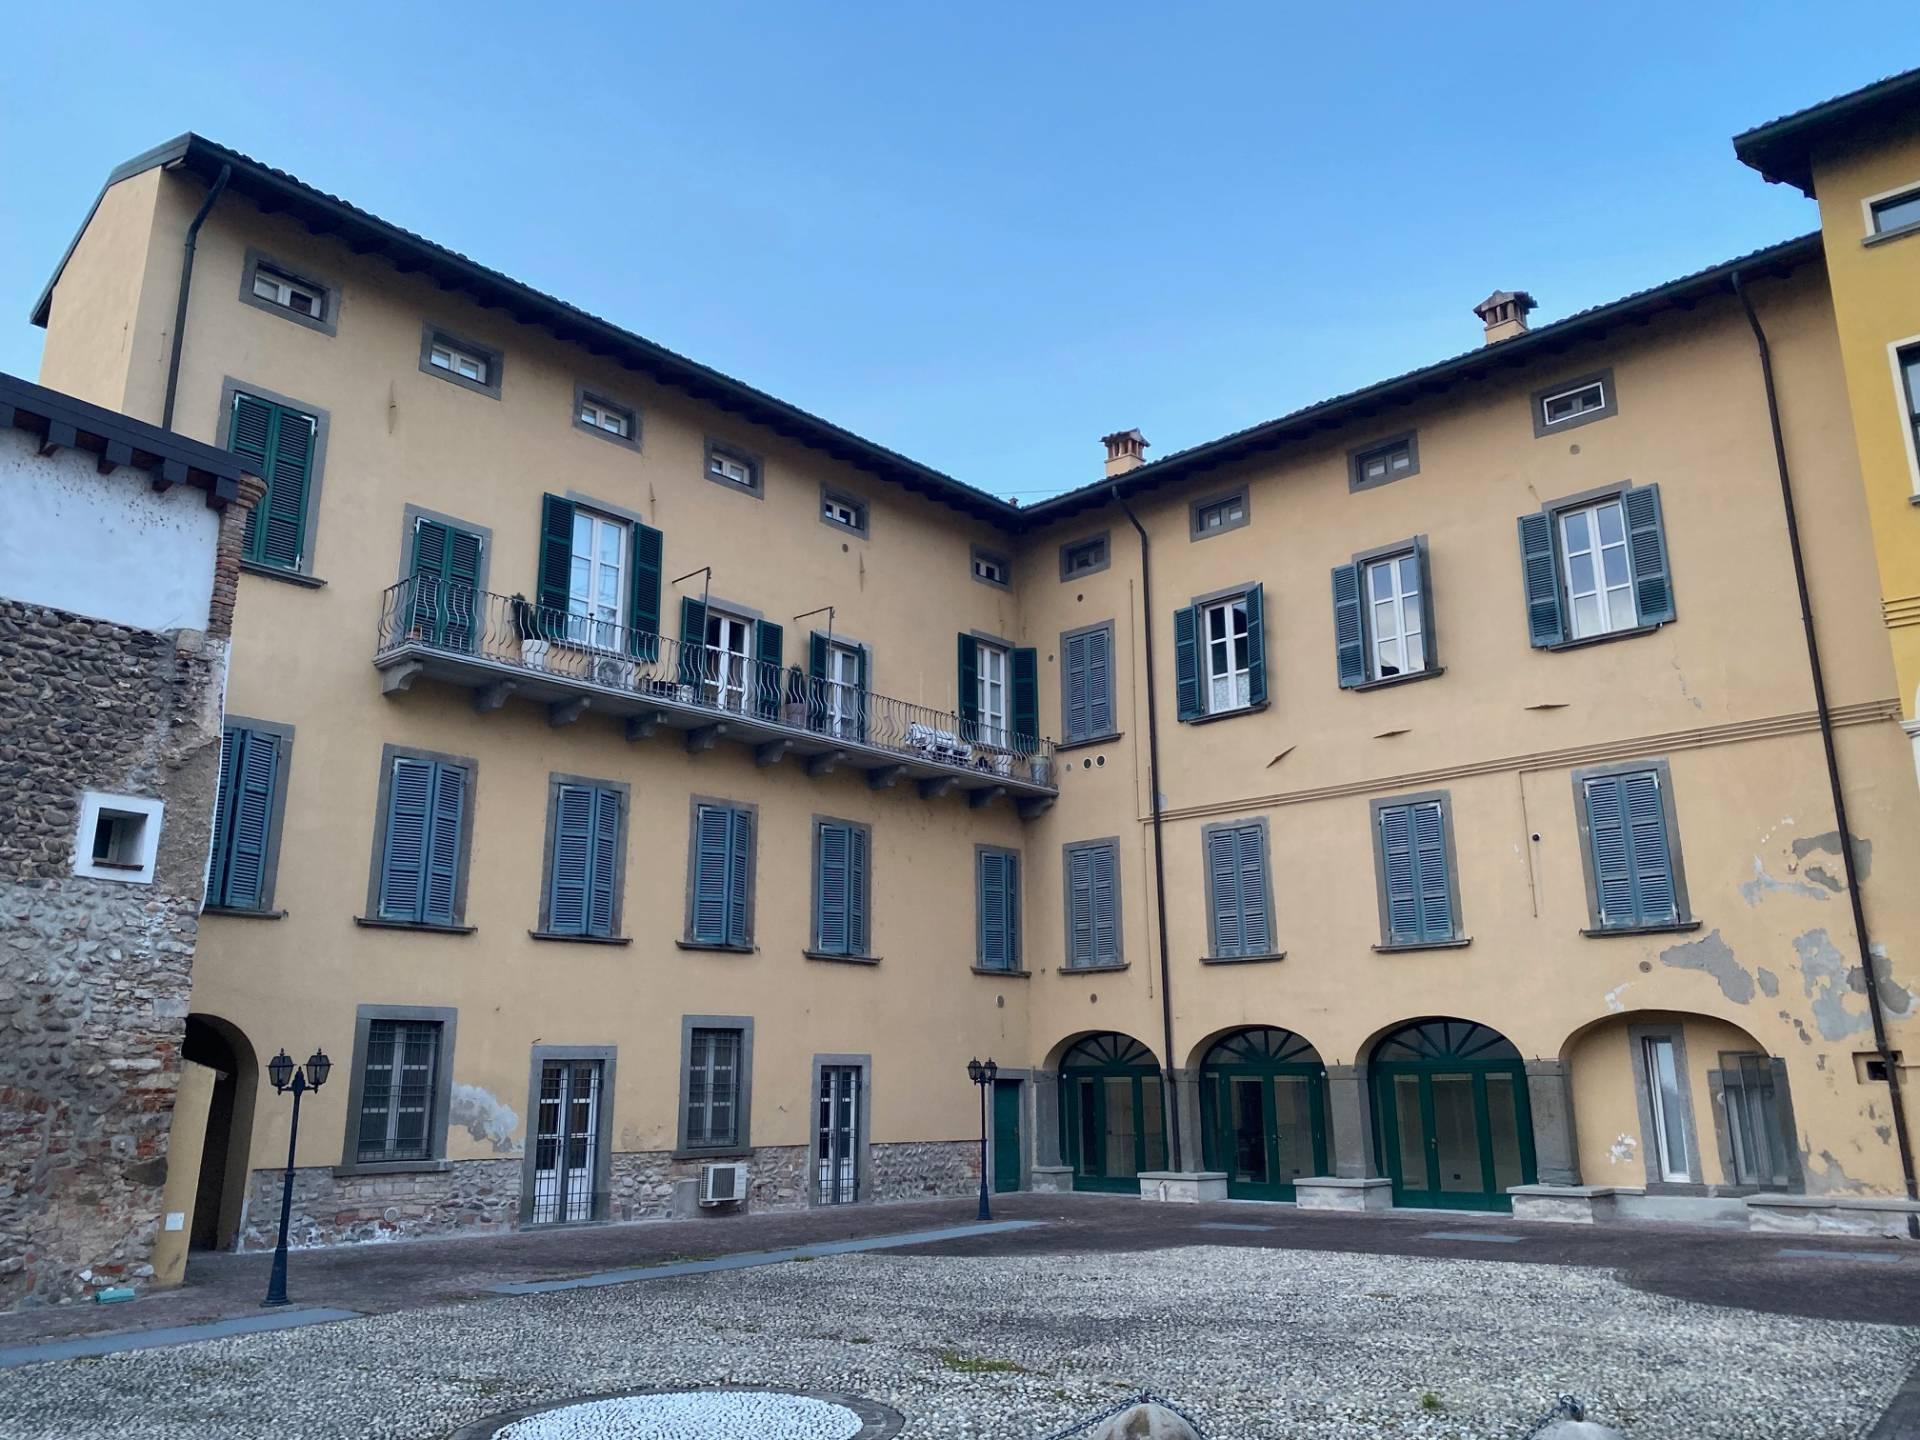 Ufficio / Studio in vendita a Palazzolo sull'Oglio, 9999 locali, prezzo € 52.000 | PortaleAgenzieImmobiliari.it